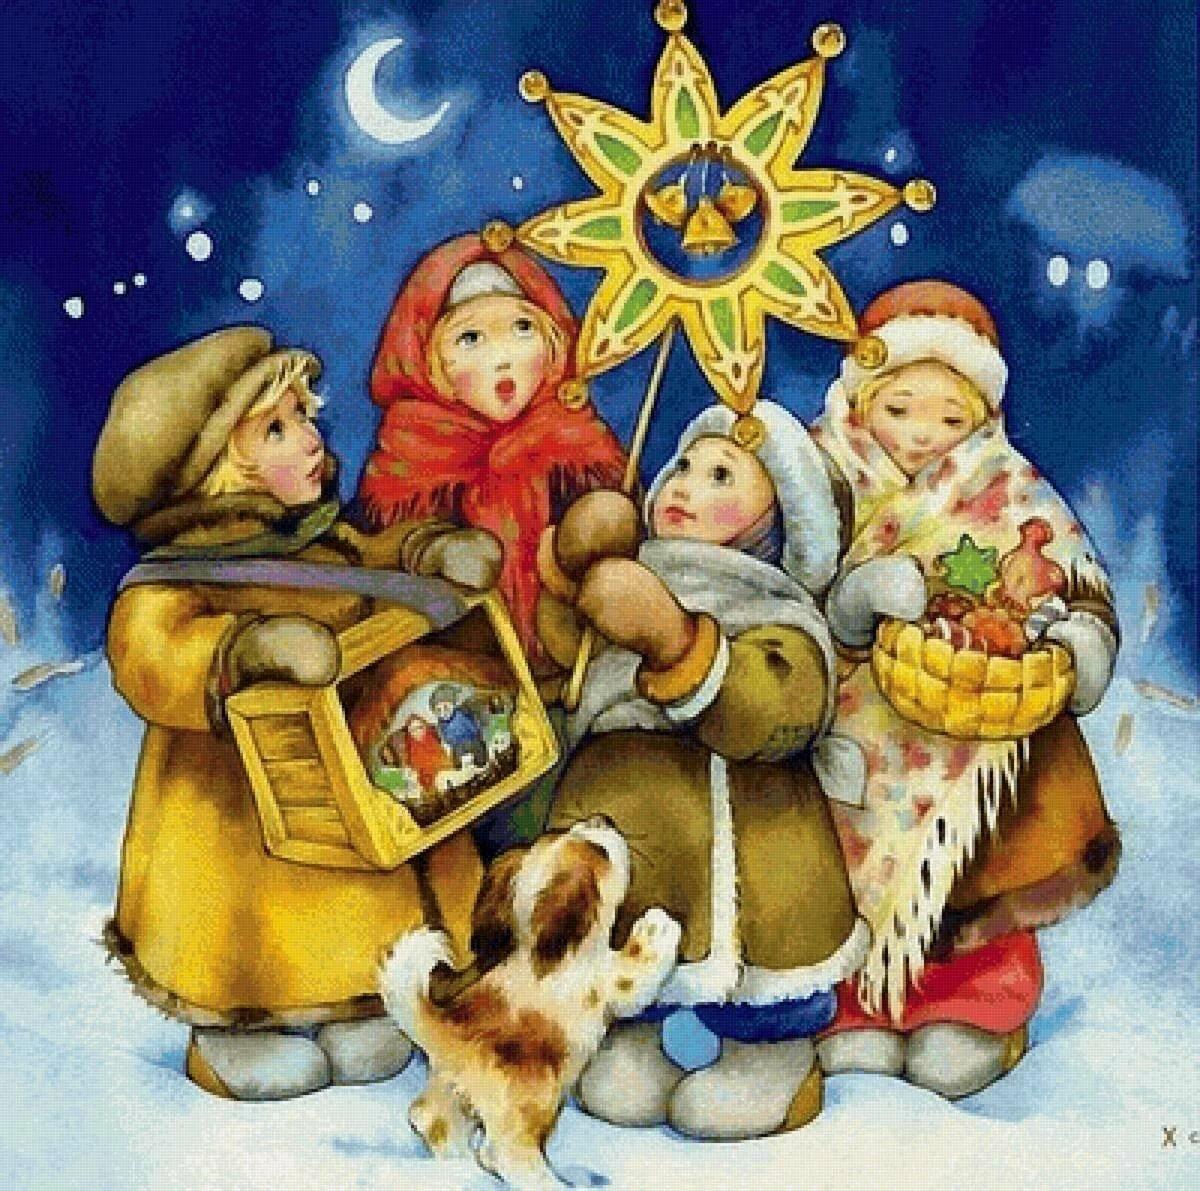 Иллюстрации к празднику нового года